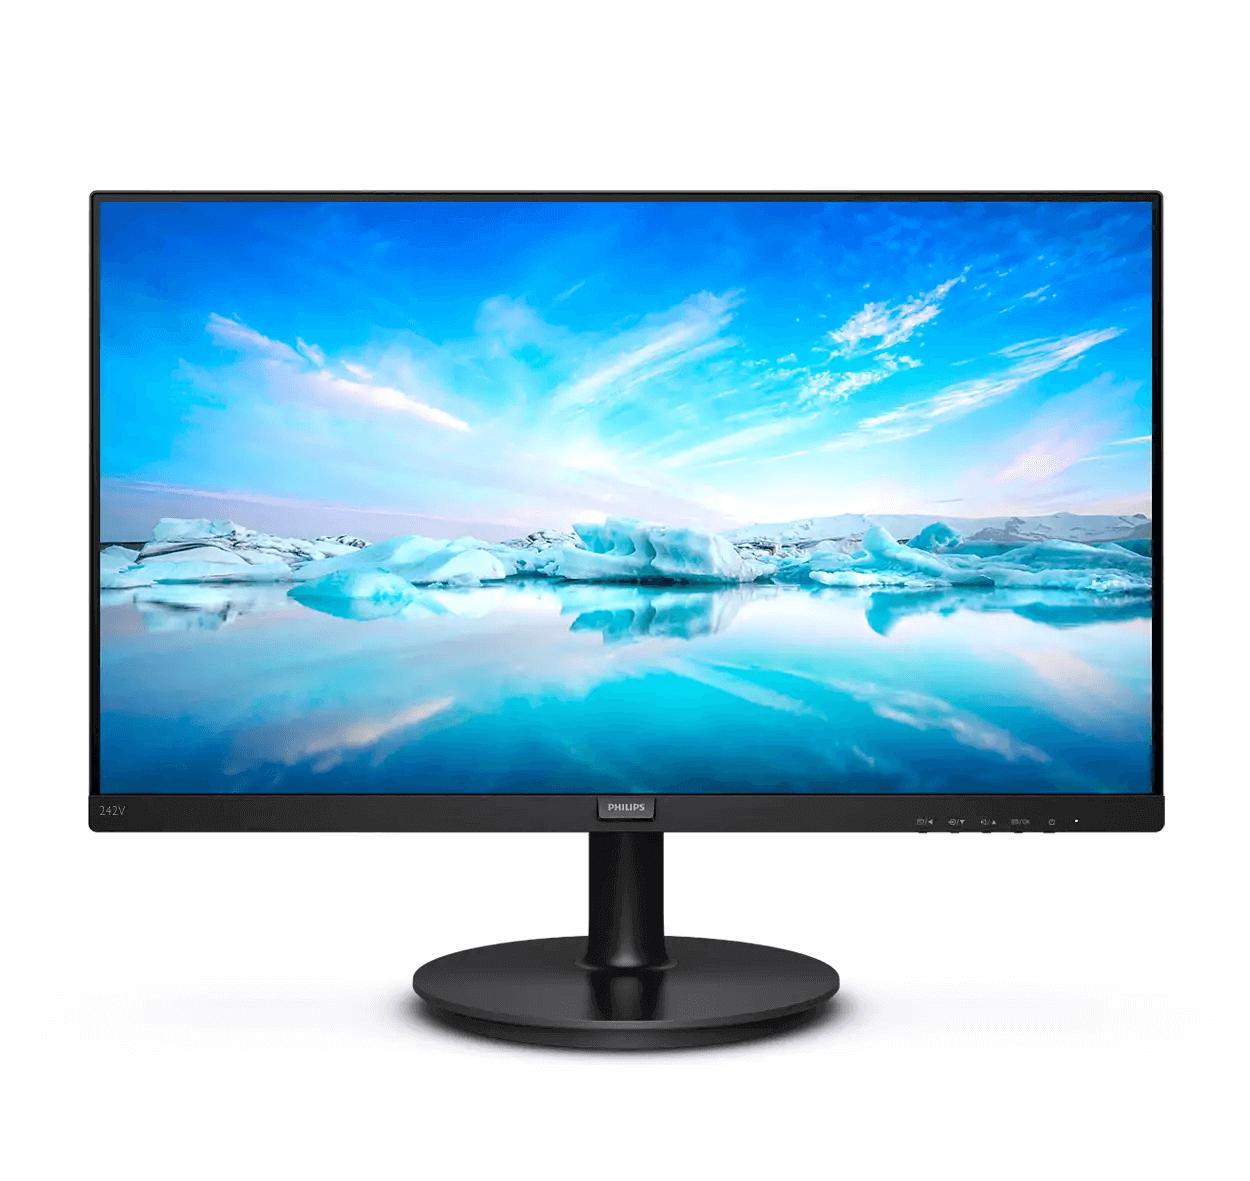 Monitor PHILIPS LED 23.8P HDMI WIDE IPS preto bivolt